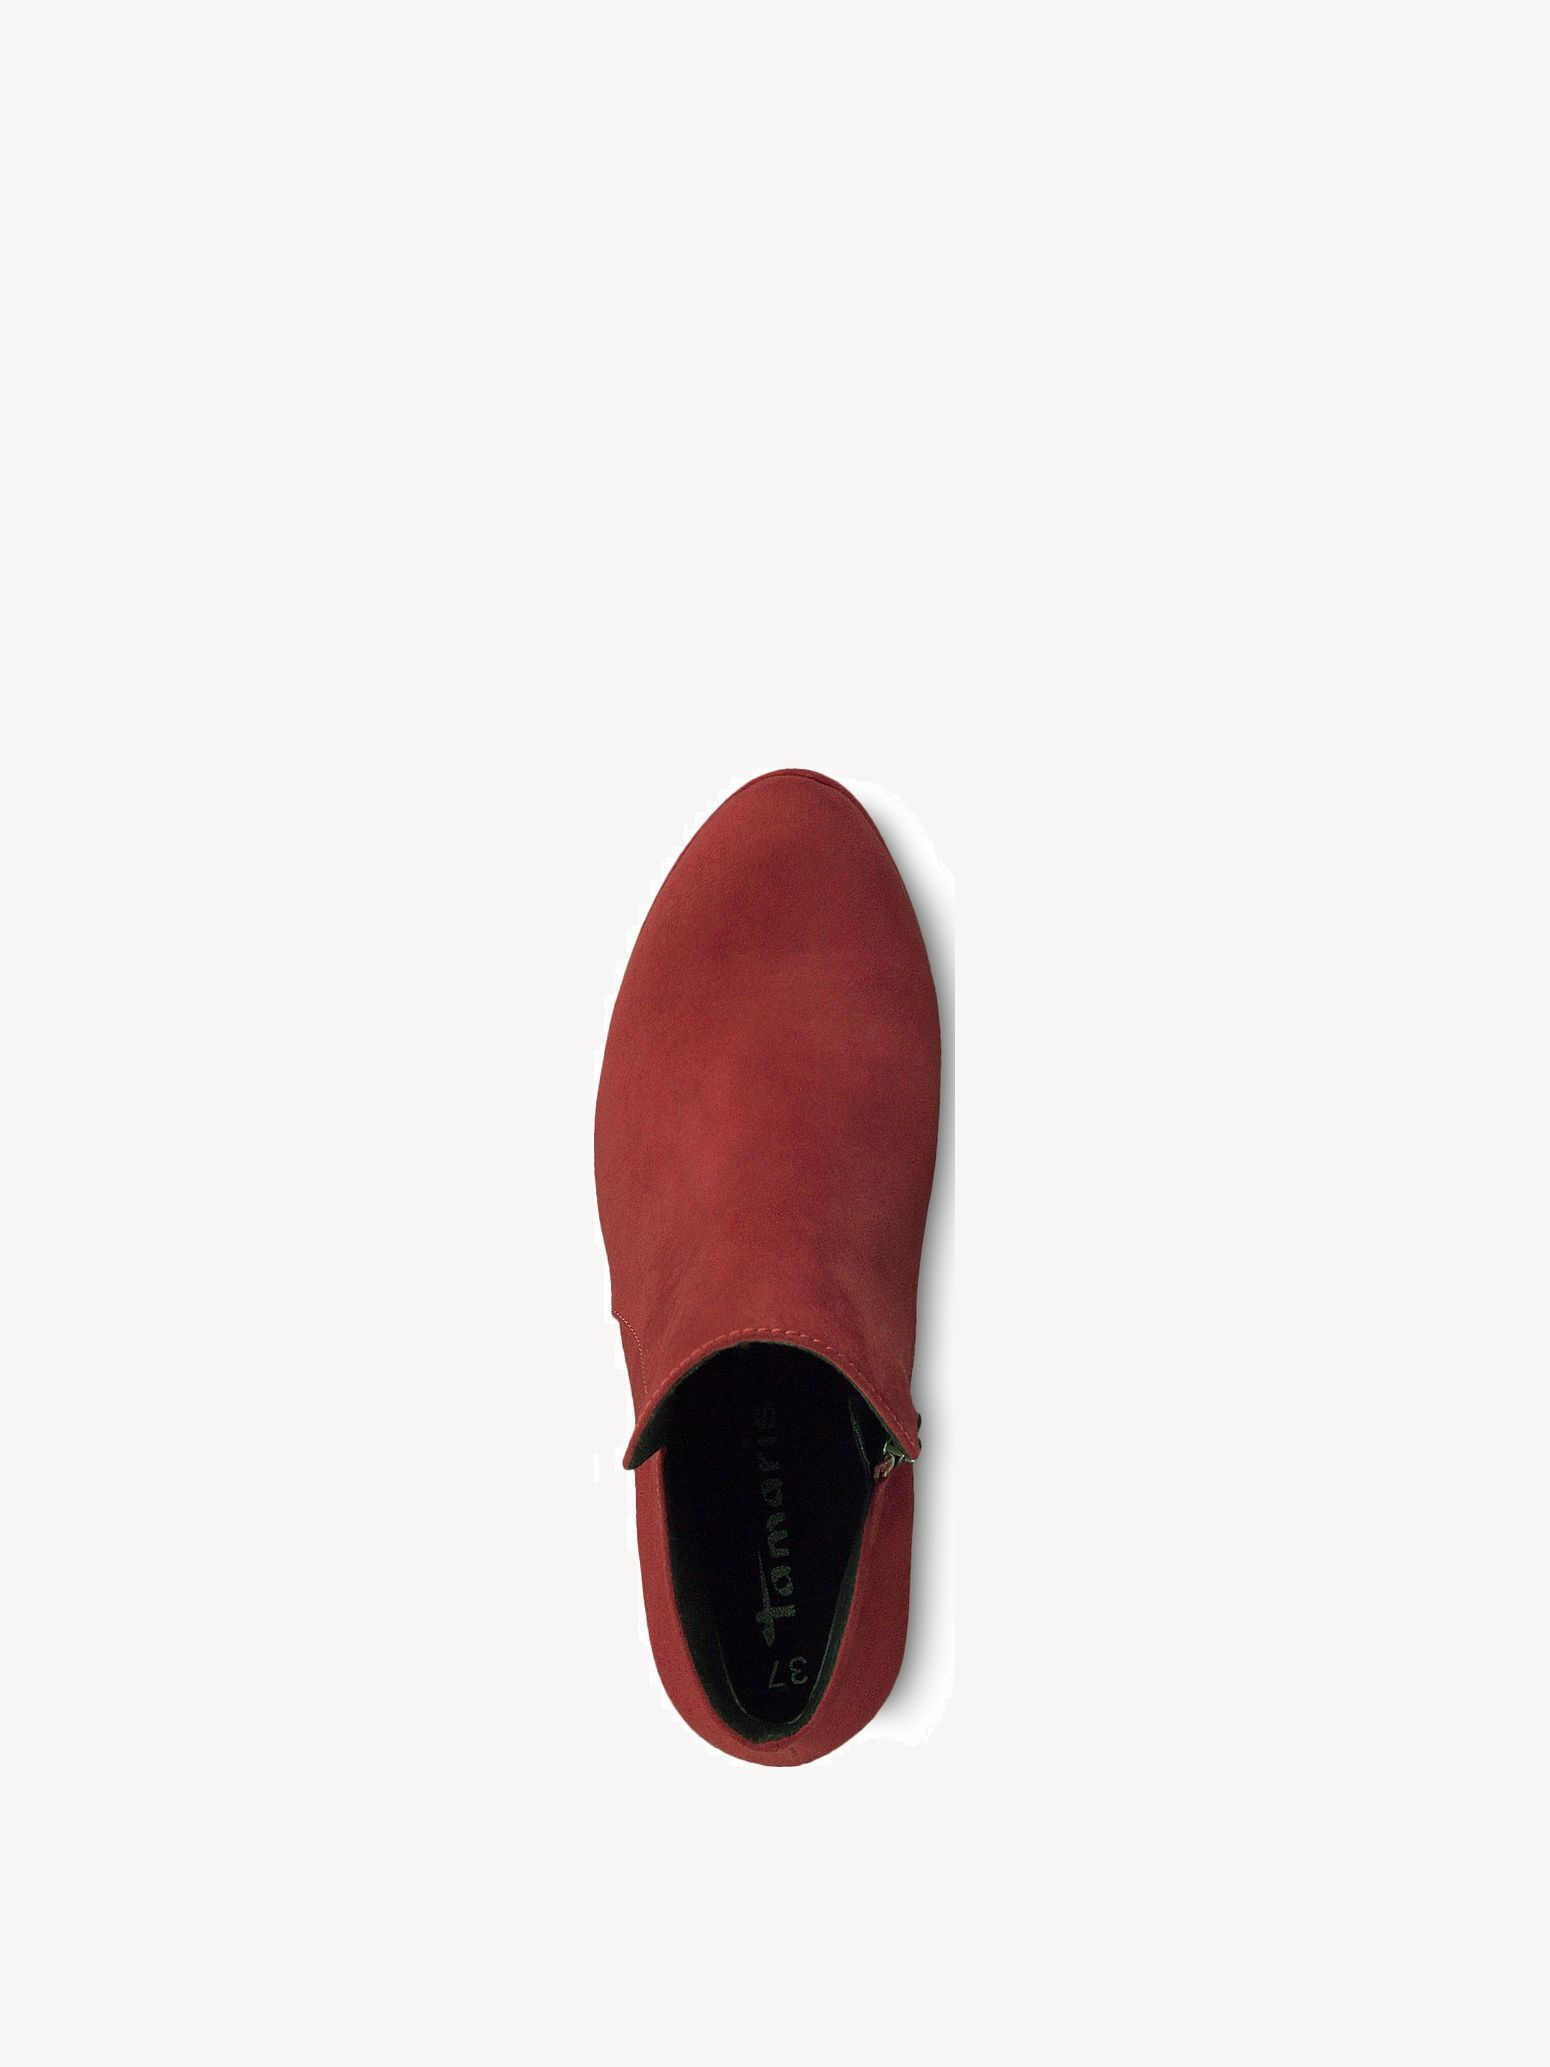 Schuhe Boots Stiefeletten Tamaris Lipstickrot 25316 Damen zpqVUSM